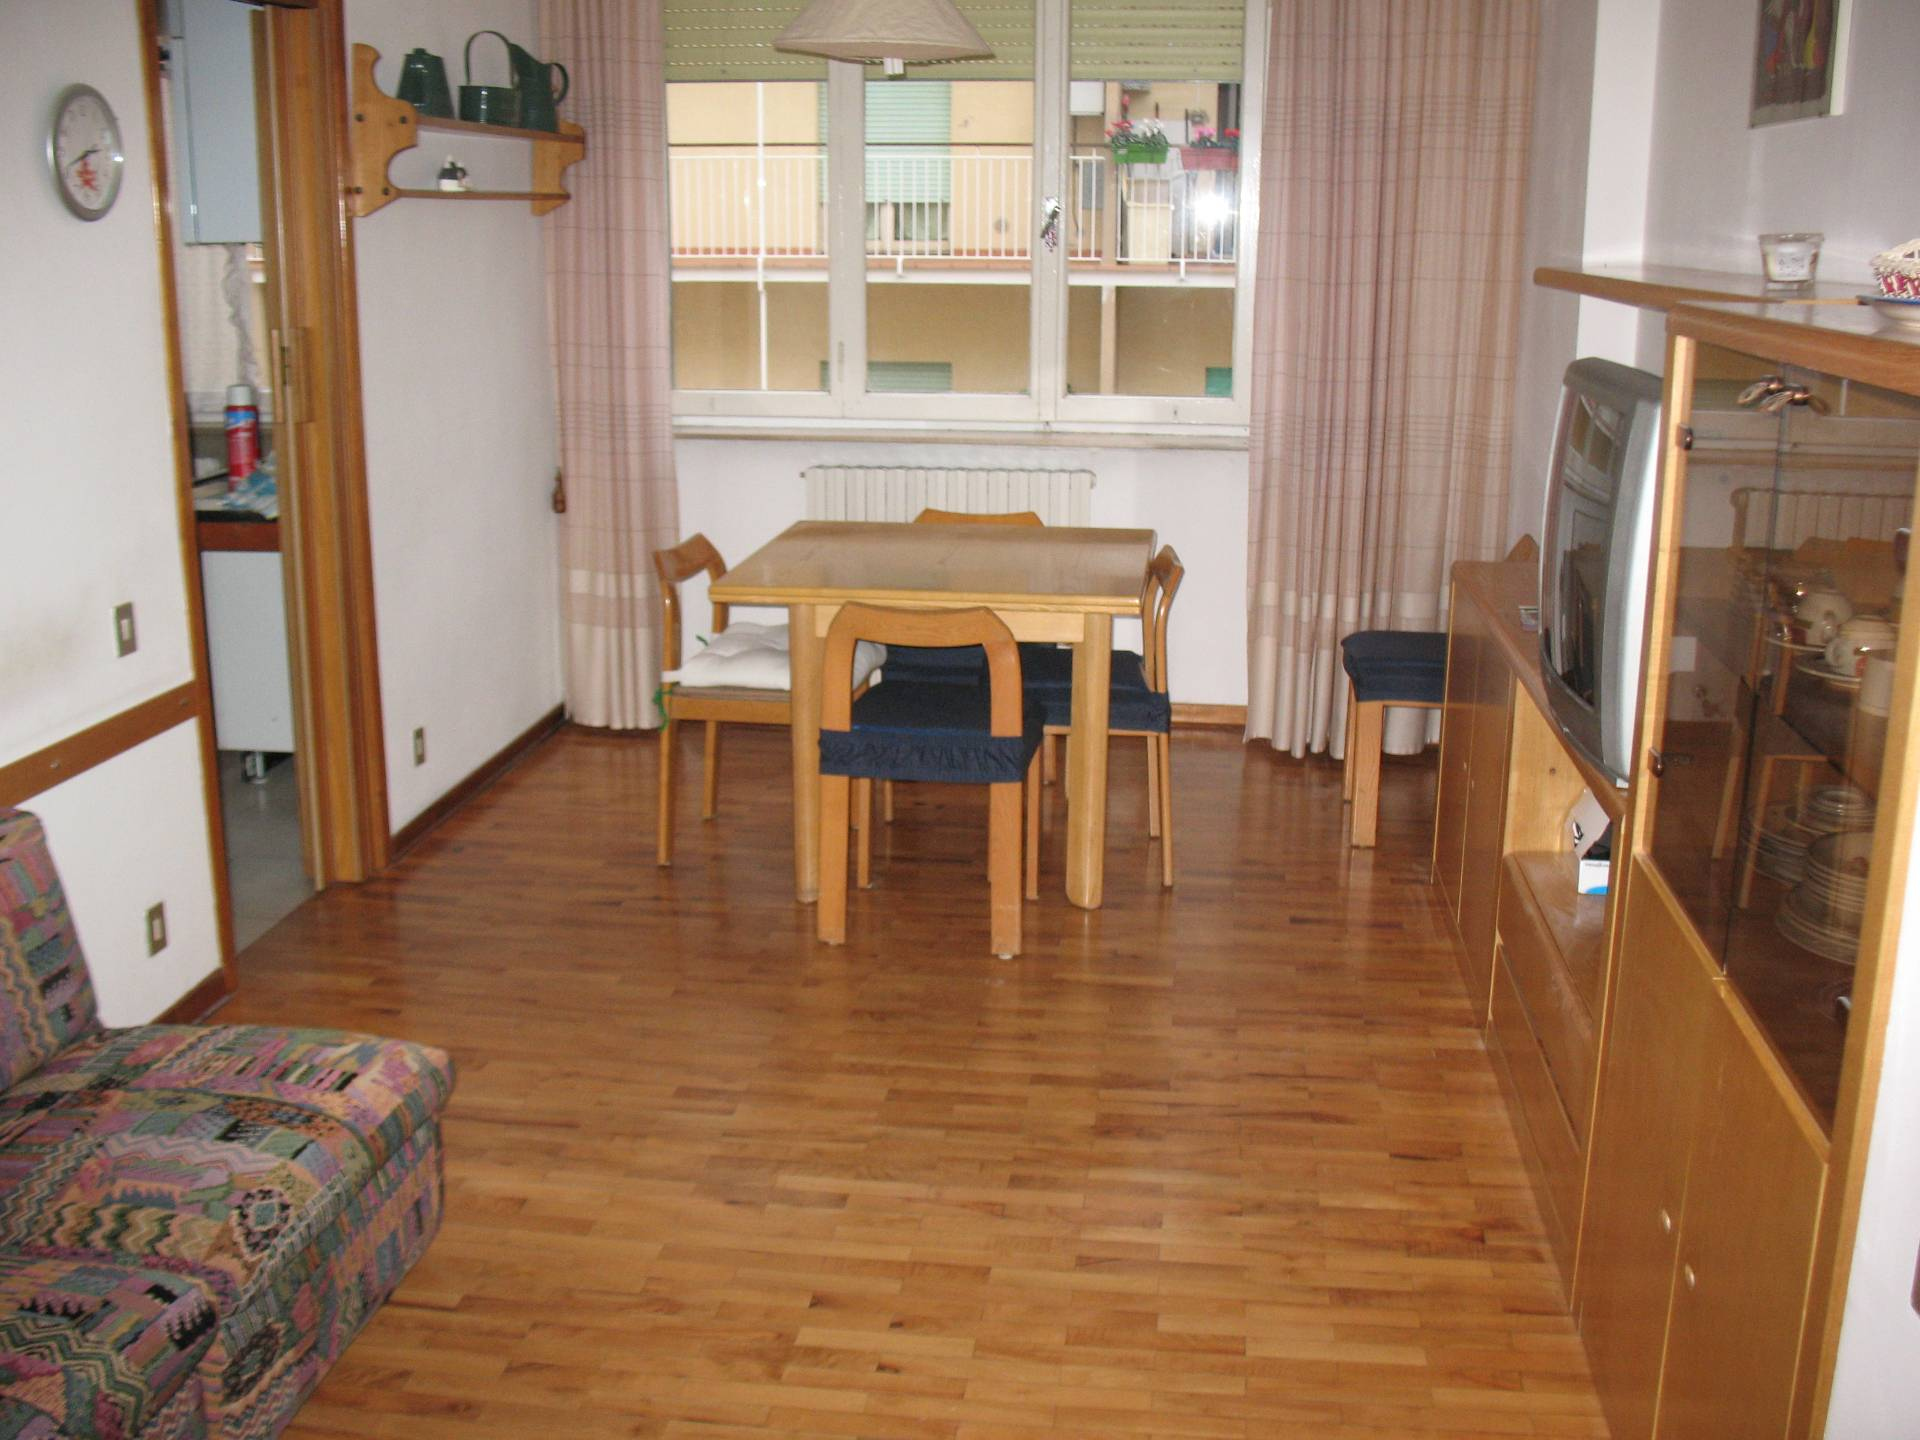 Appartamento in affitto a Macerata, 3 locali, zona Zona: Semicentrale, prezzo € 400 | CambioCasa.it